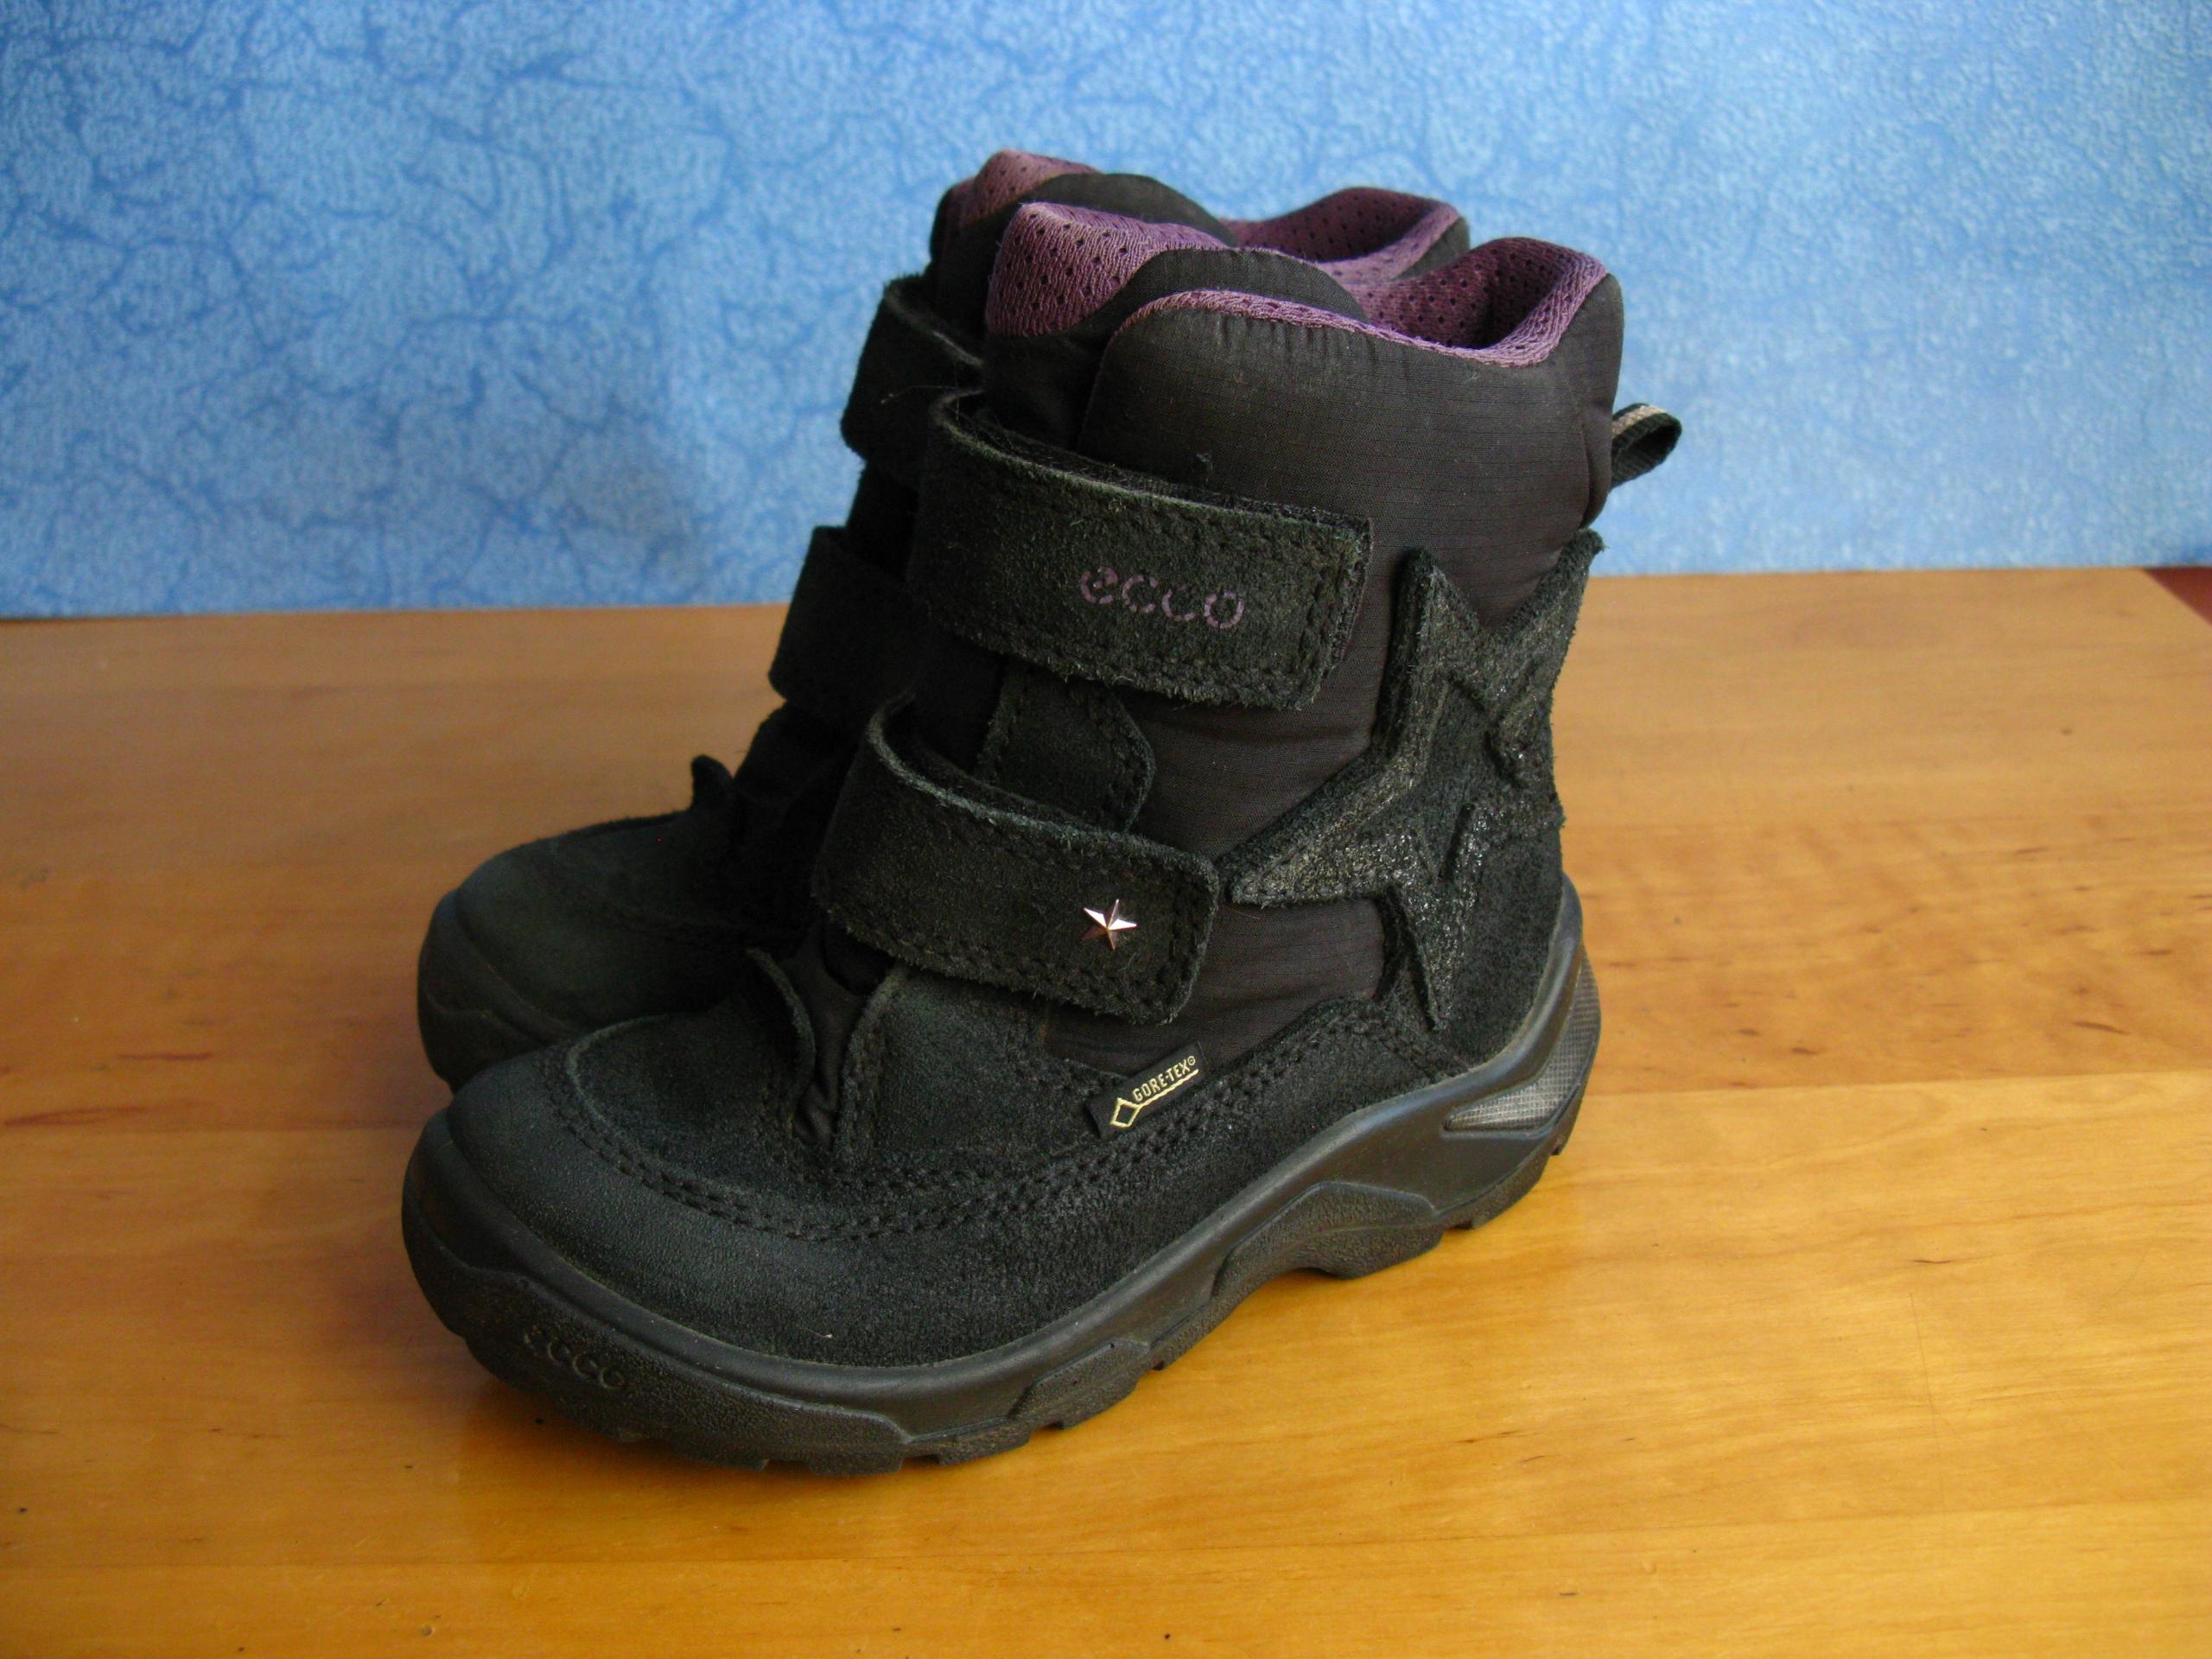 ECCO GORE TEX buty zimowe dzieci kids STAN BDB BCM Zdjęcie